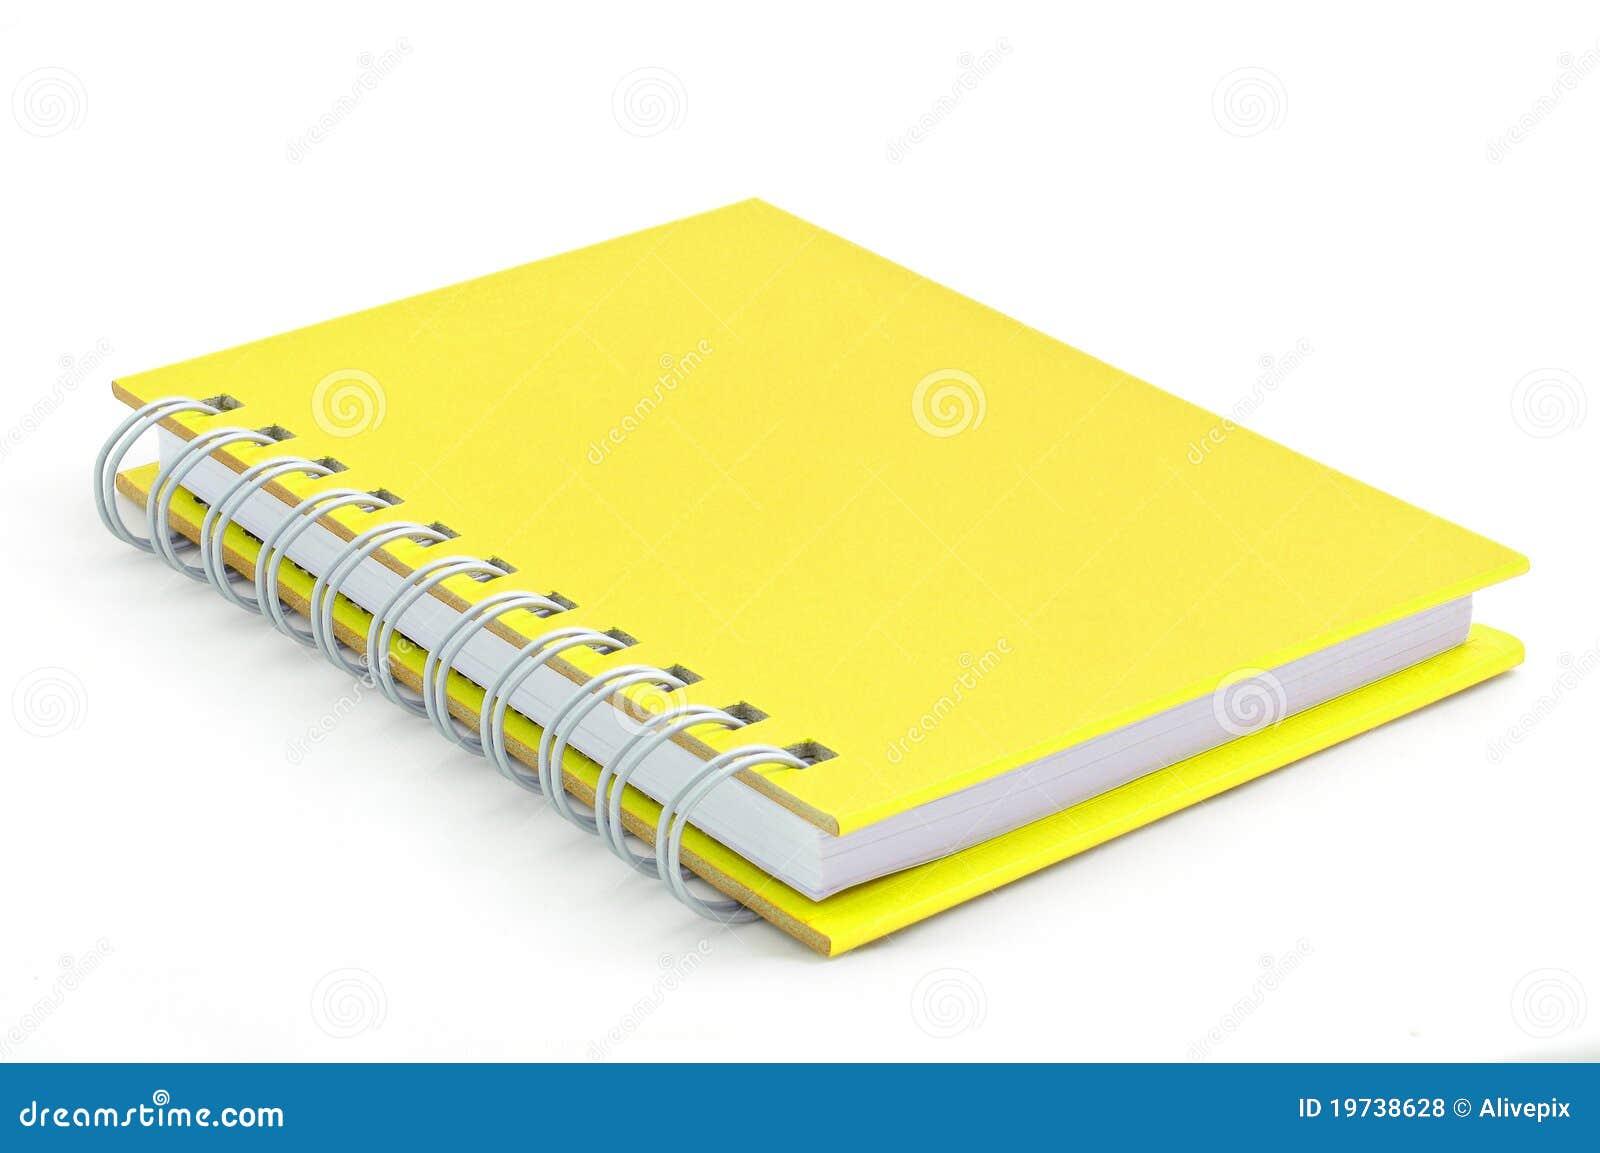 Cuaderno Amarillo Fotos de archivo libres de regalías - Imagen ...